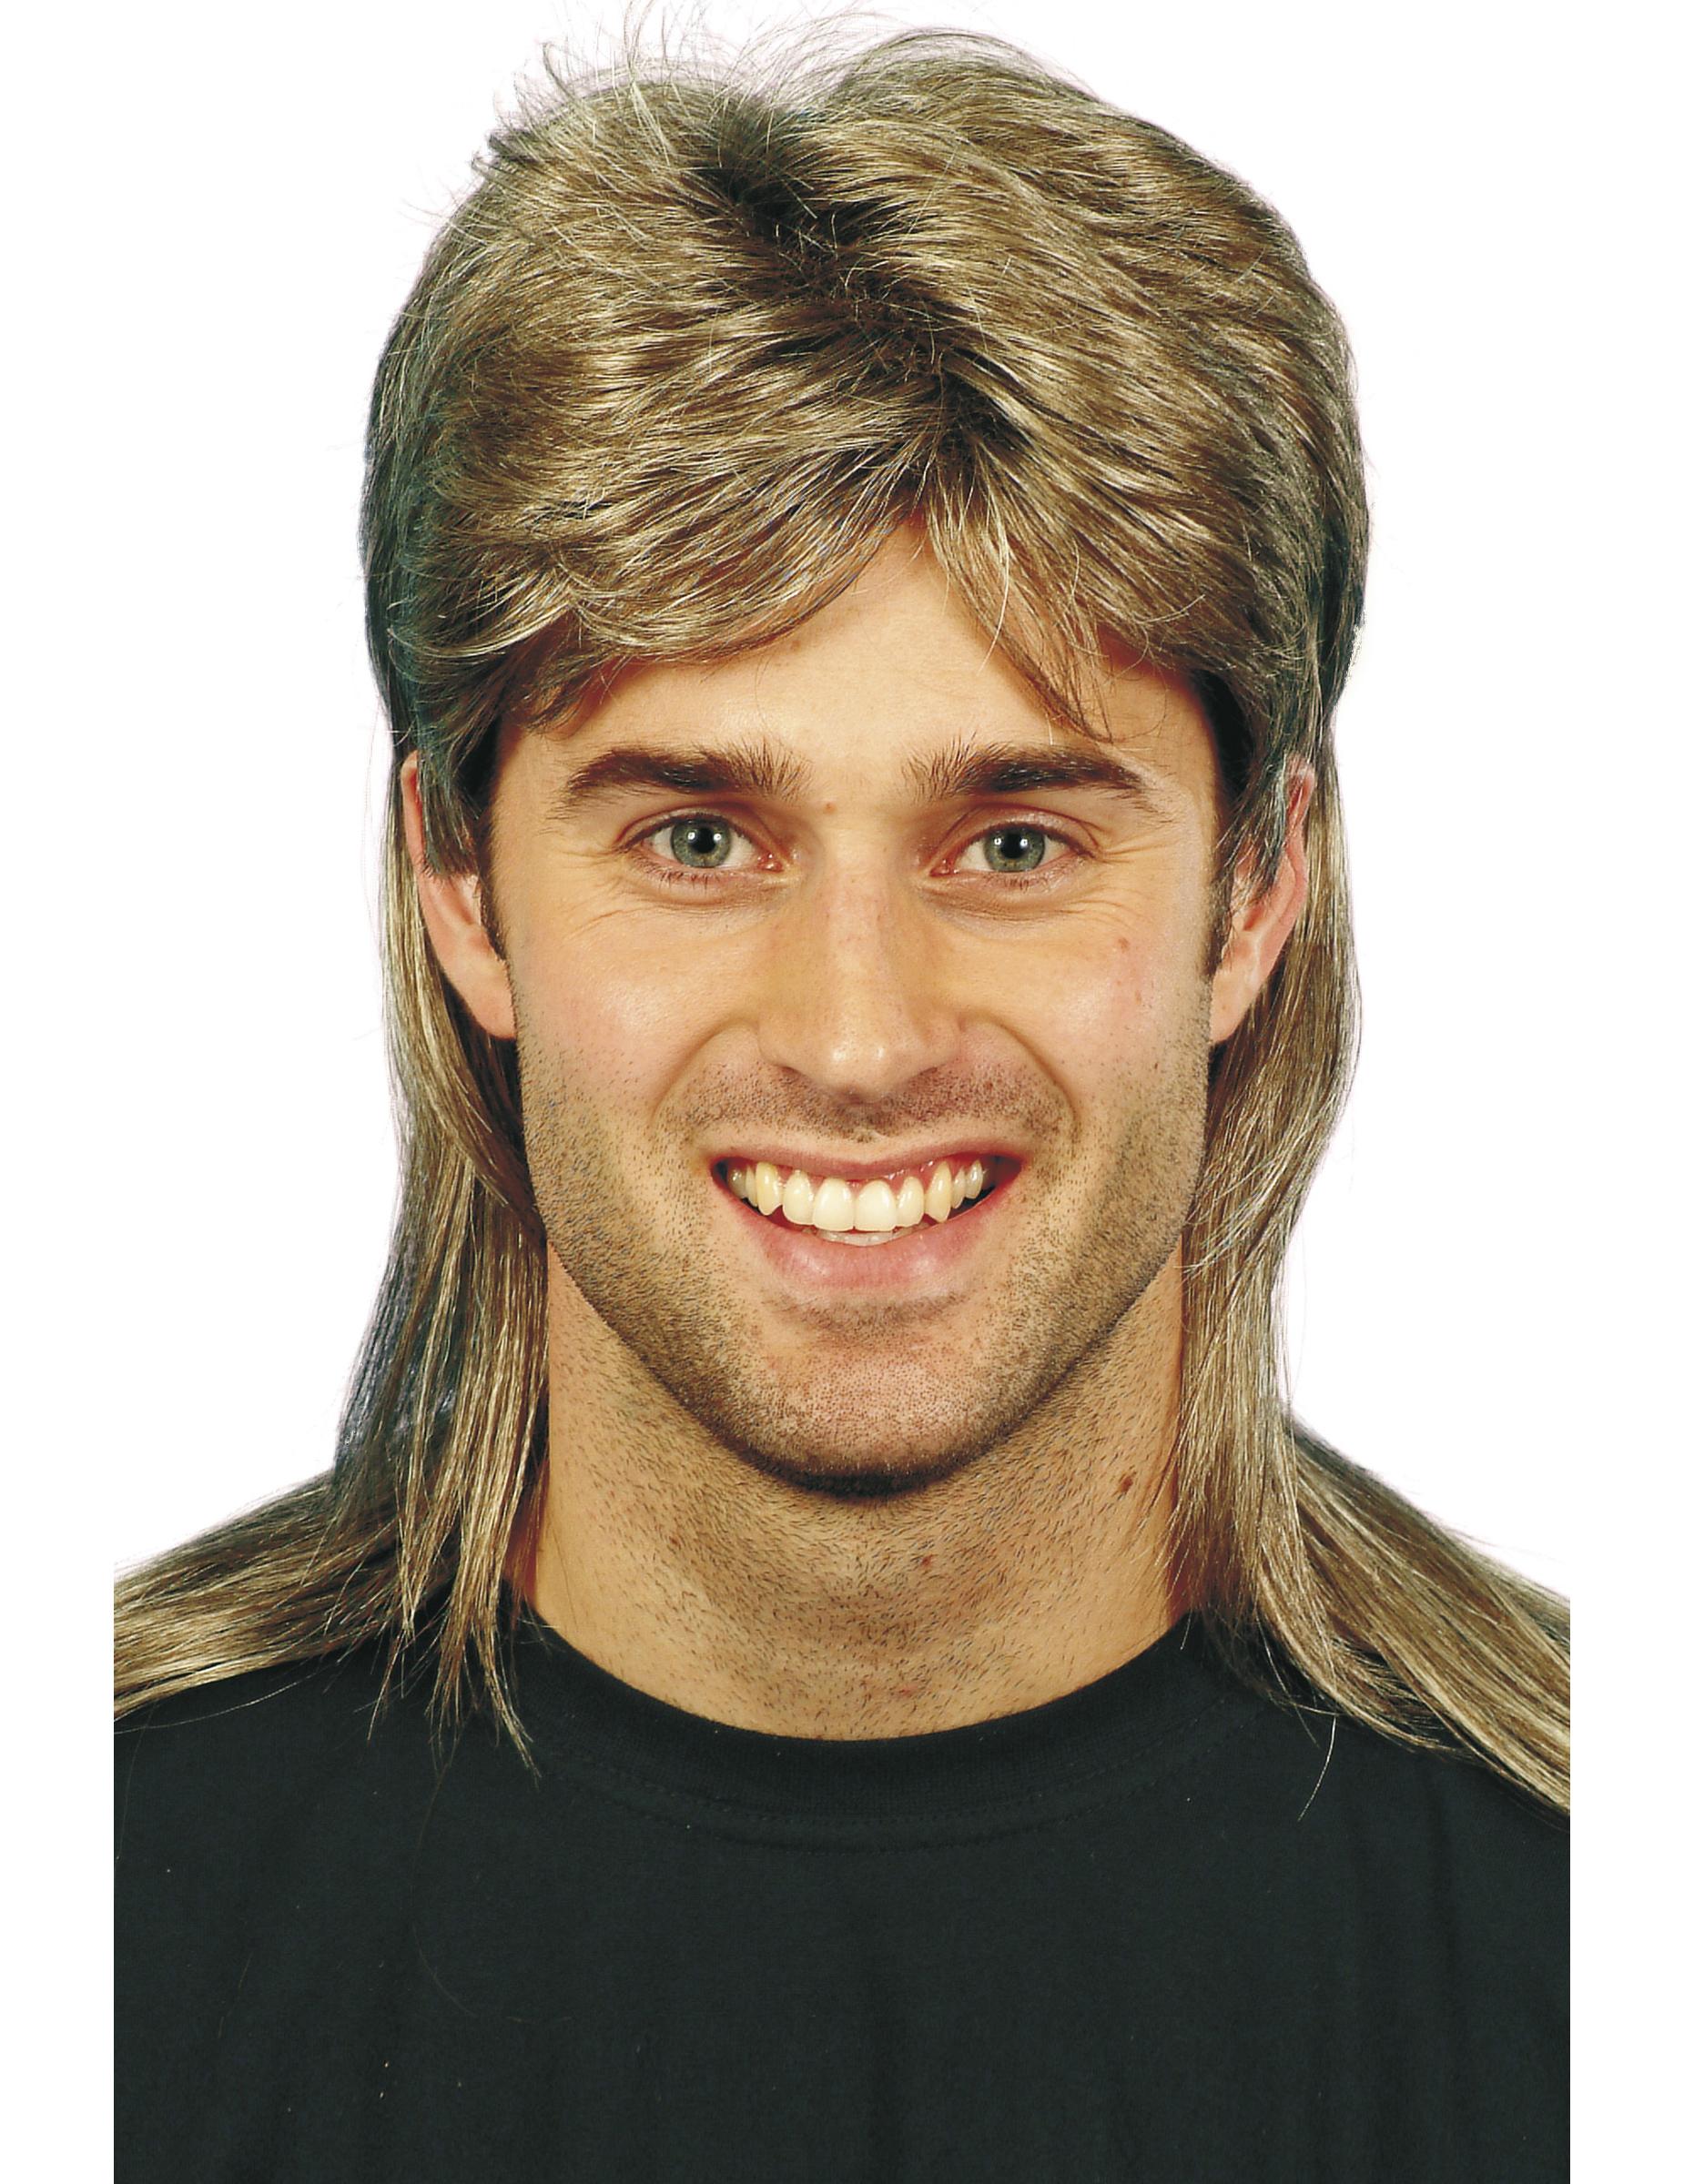 Perruques Homme, vente de perruques synthé